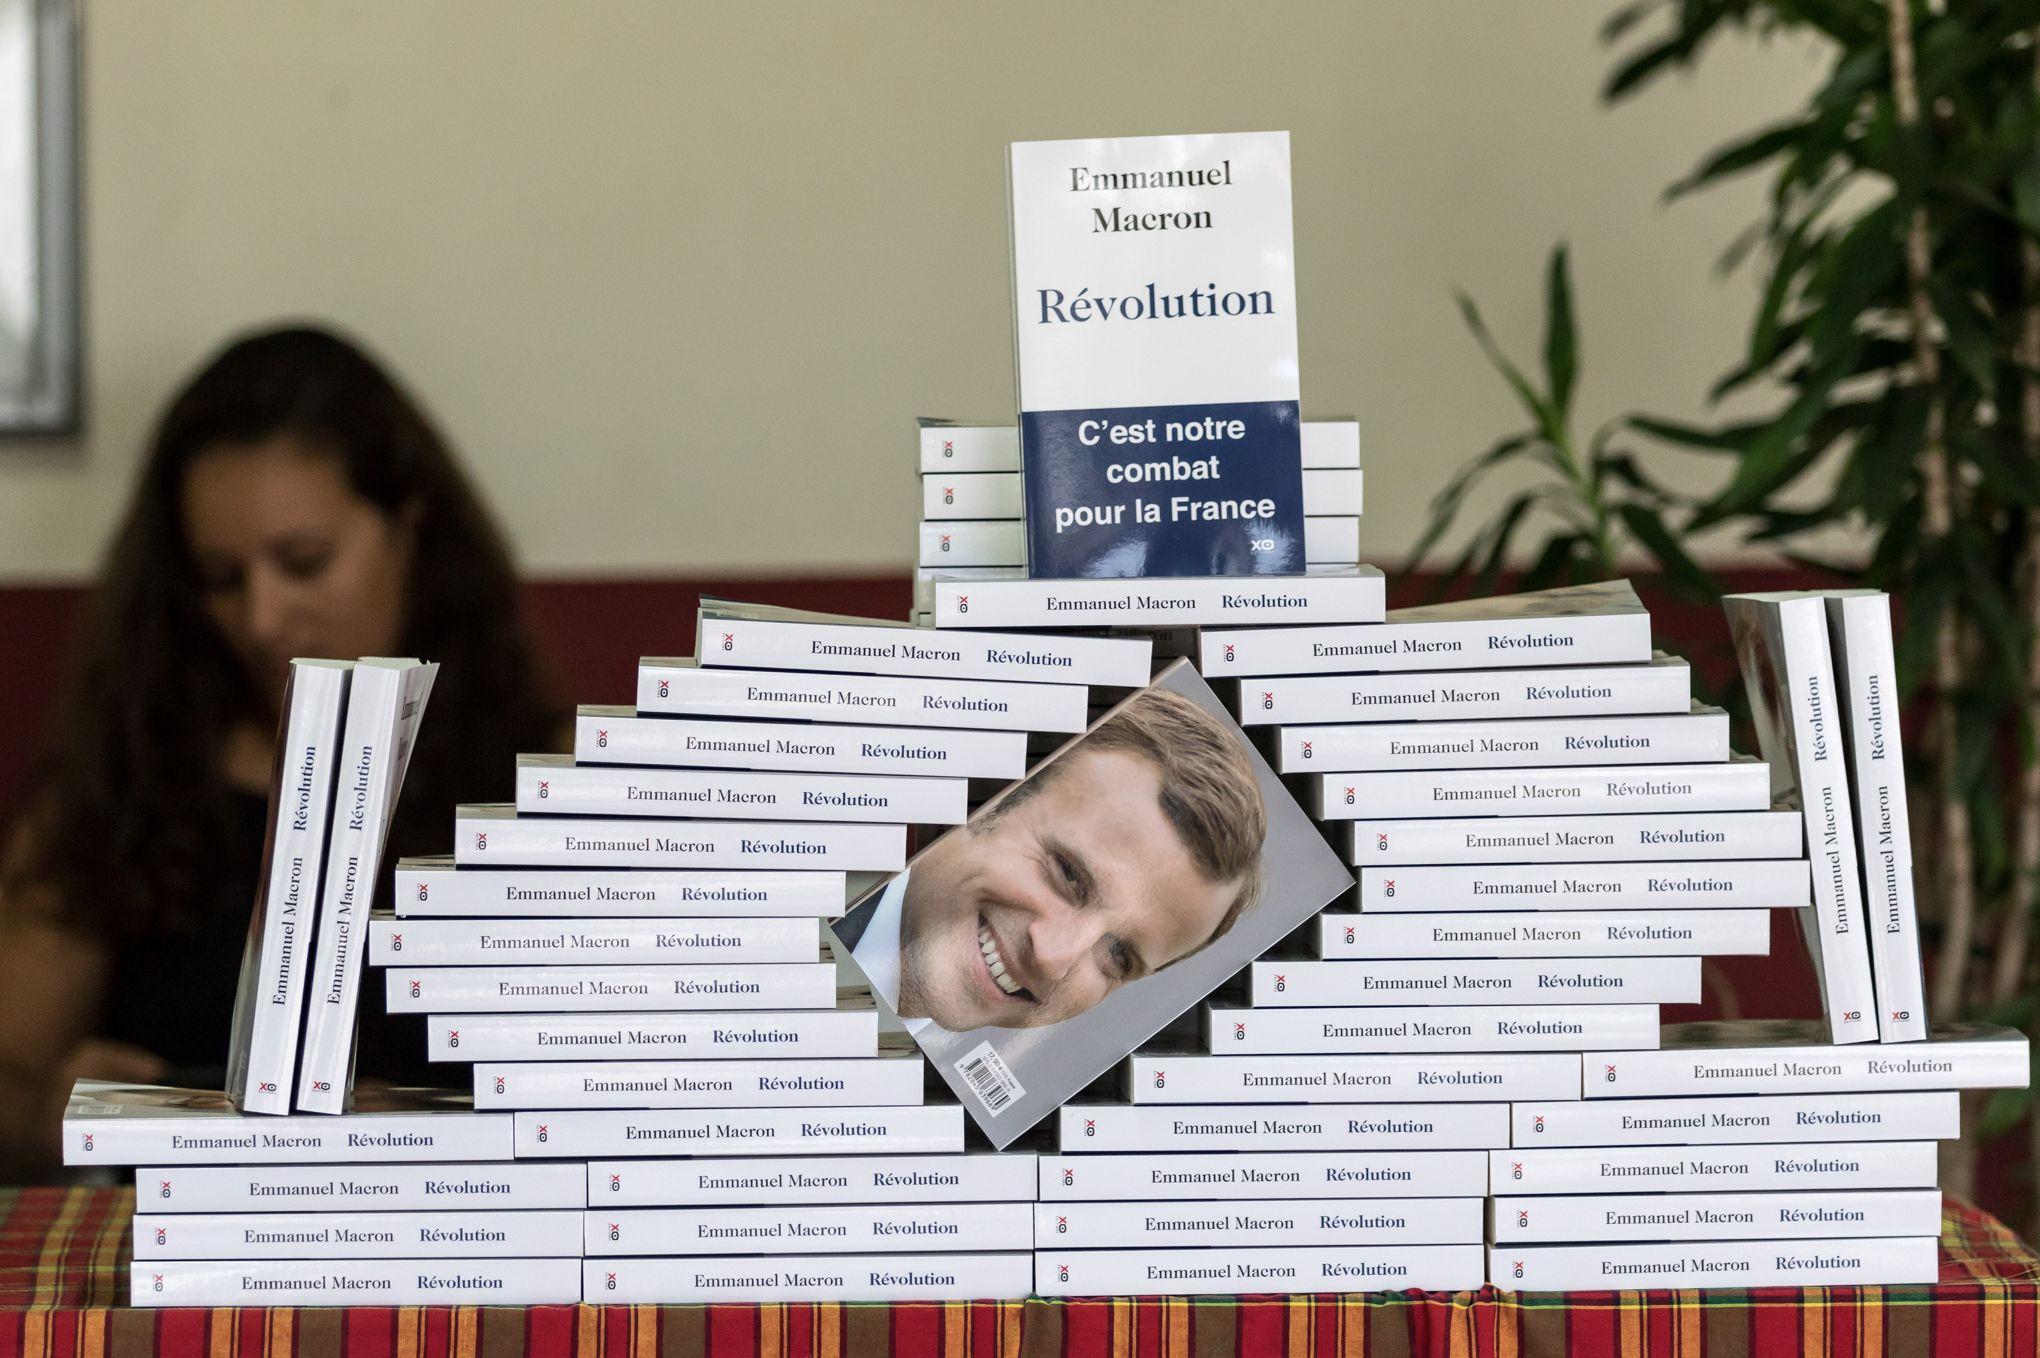 Revolution Le Livre Programme D Emmanuel Macron Sort En Poche